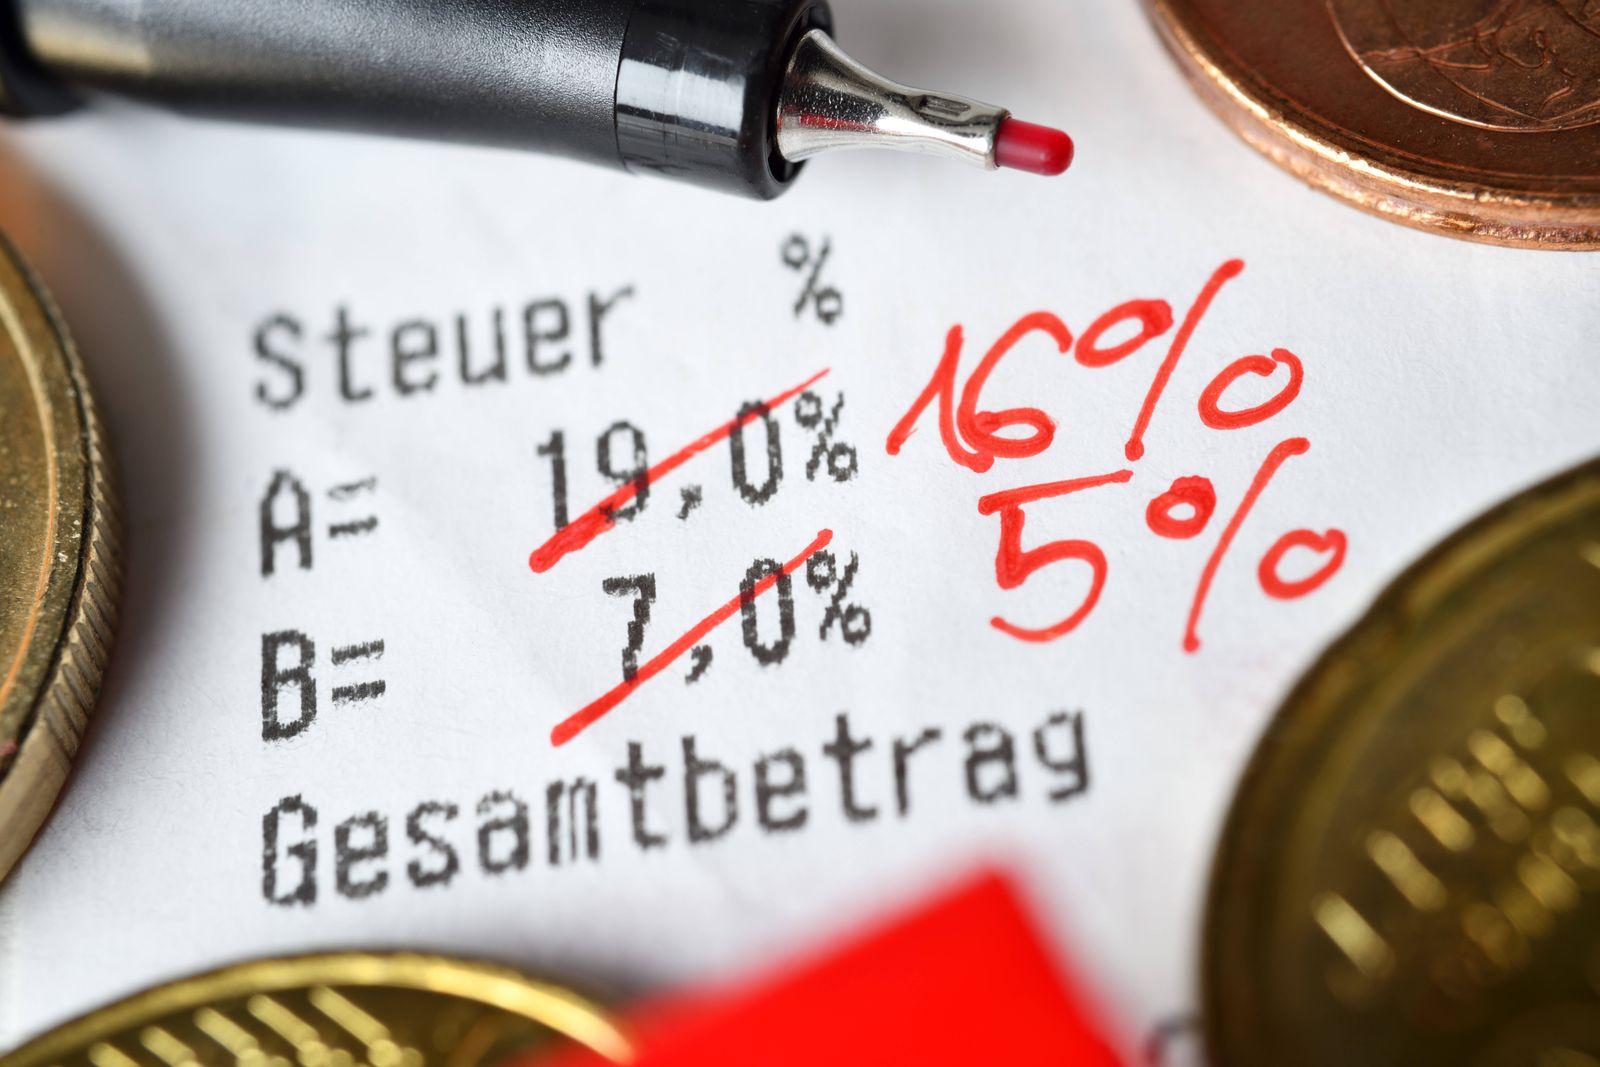 News Bilder des Tages Durchgestrichene Mehrwertsteuersätze auf einem Kassenbon, Symbolfoto für gesenkte Mehrwertsteuer z